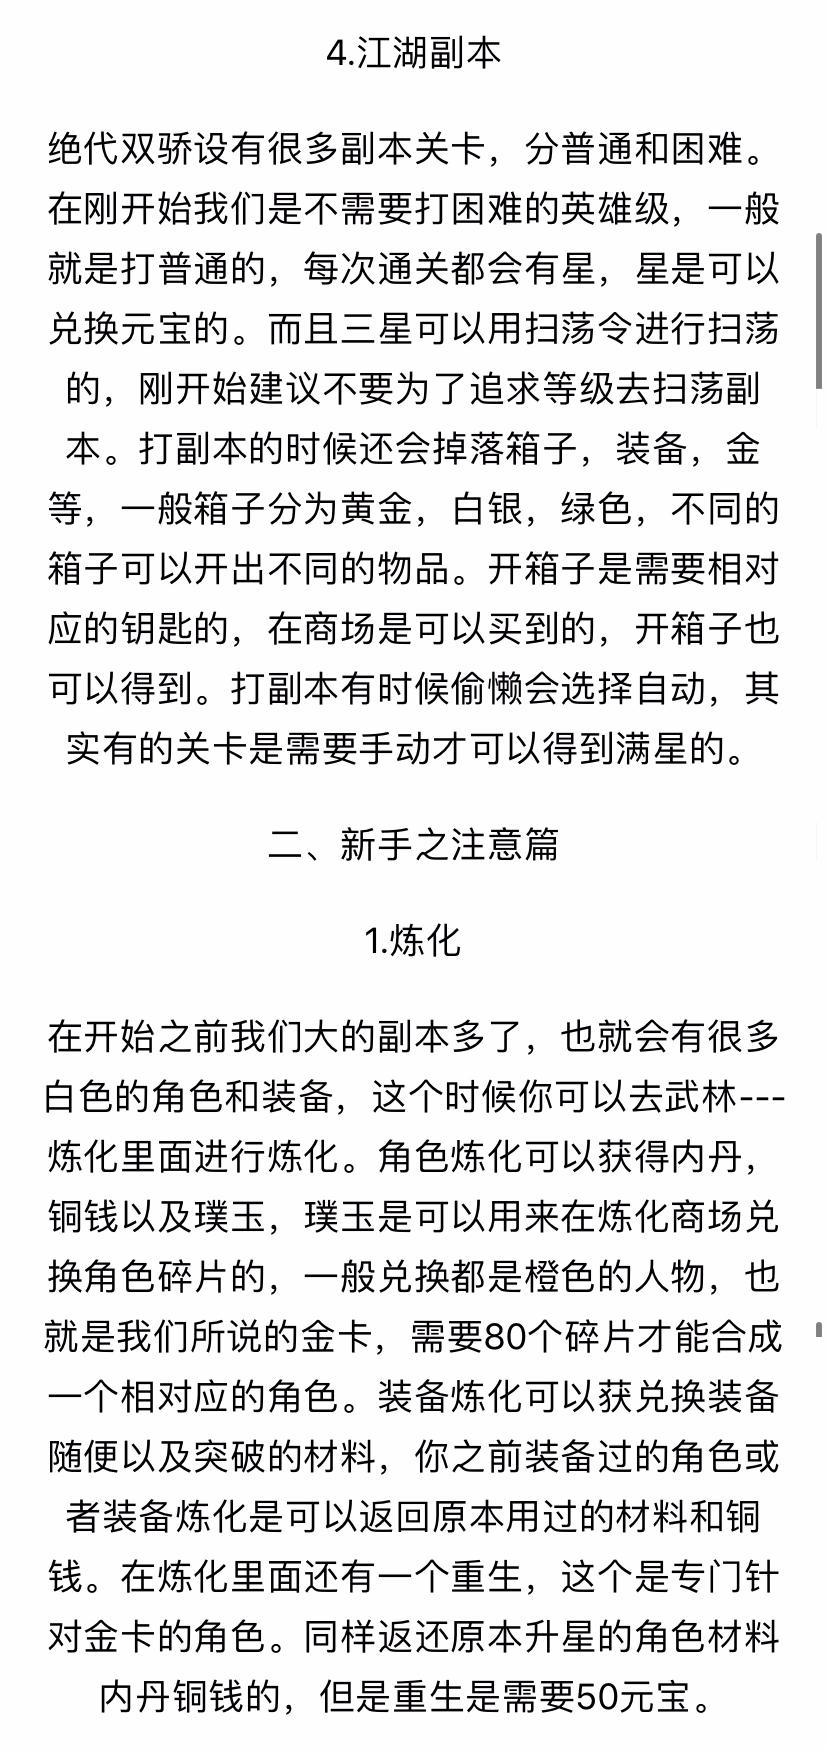 绝代双骄系统详细介绍-新手事项_03.jpg